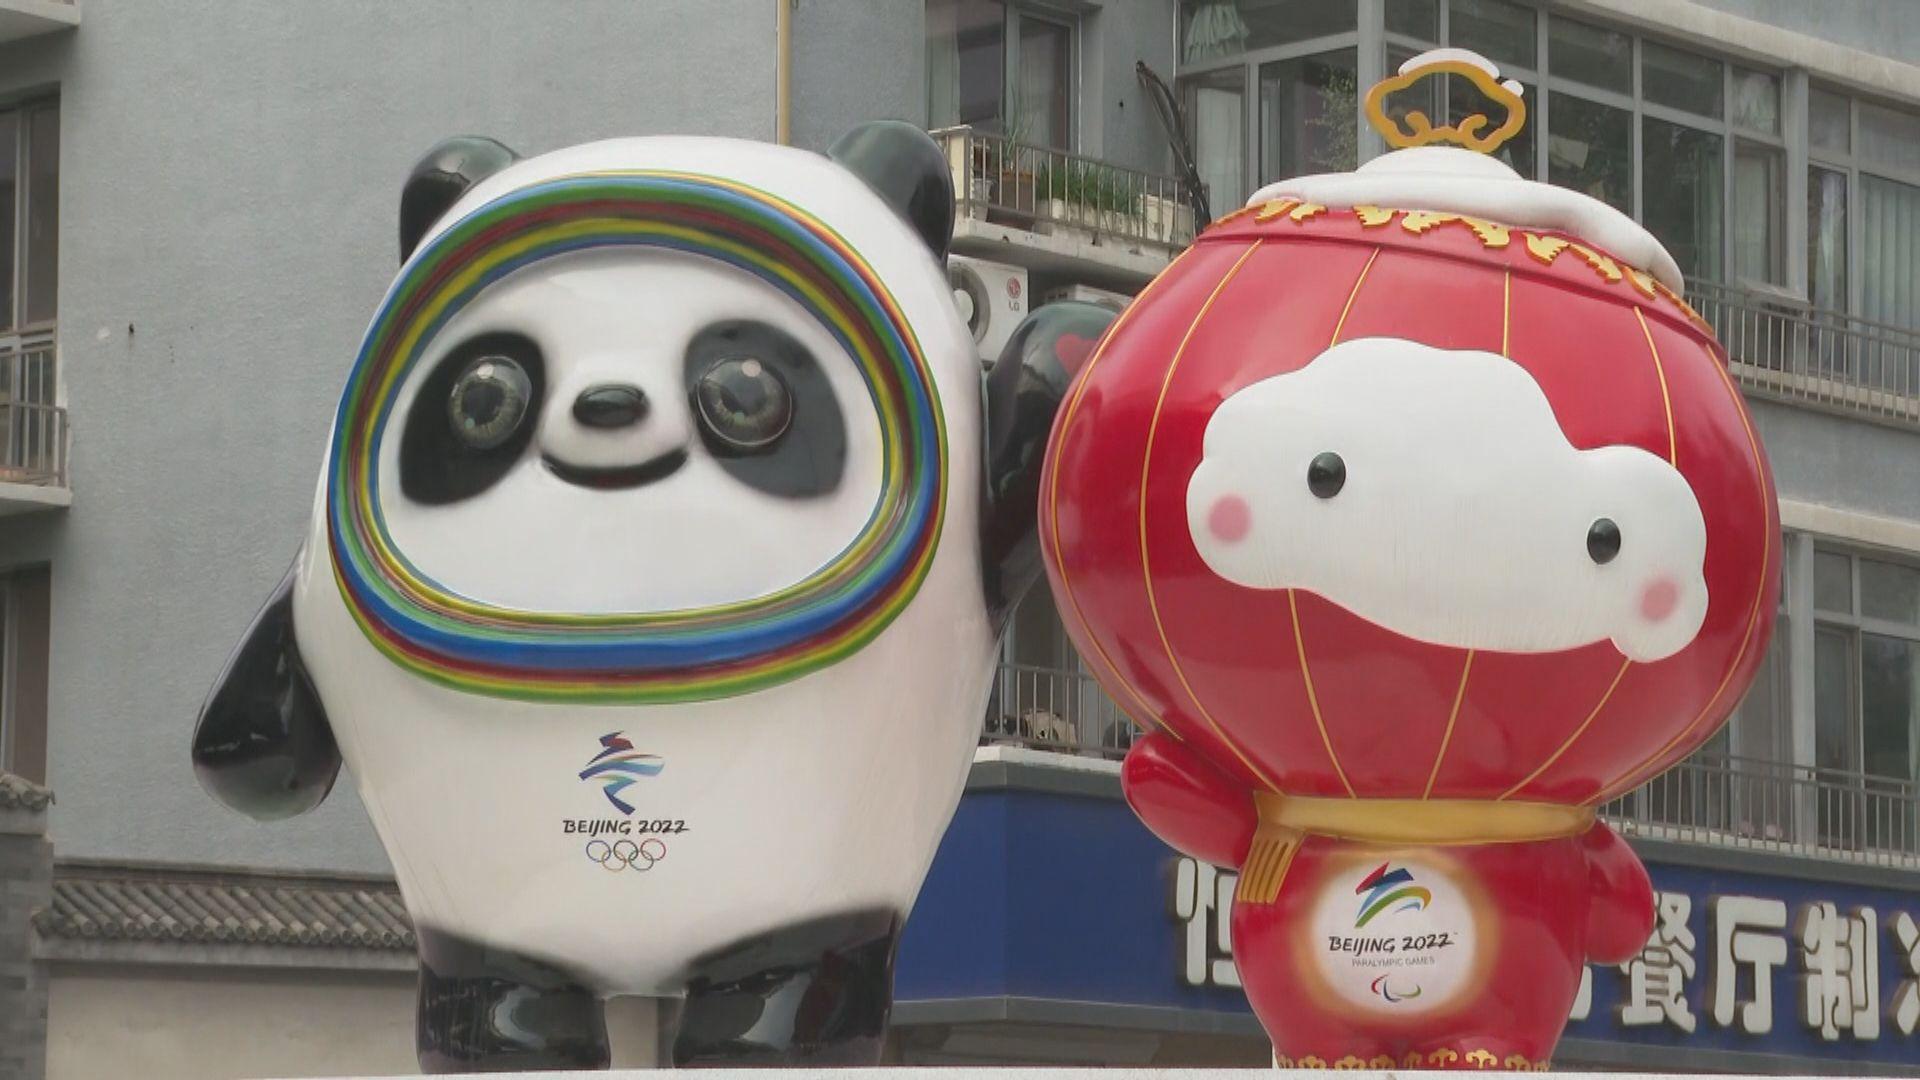 【首都專線】北京冬奧明年舉行 學者認為疫情下能帶動經濟